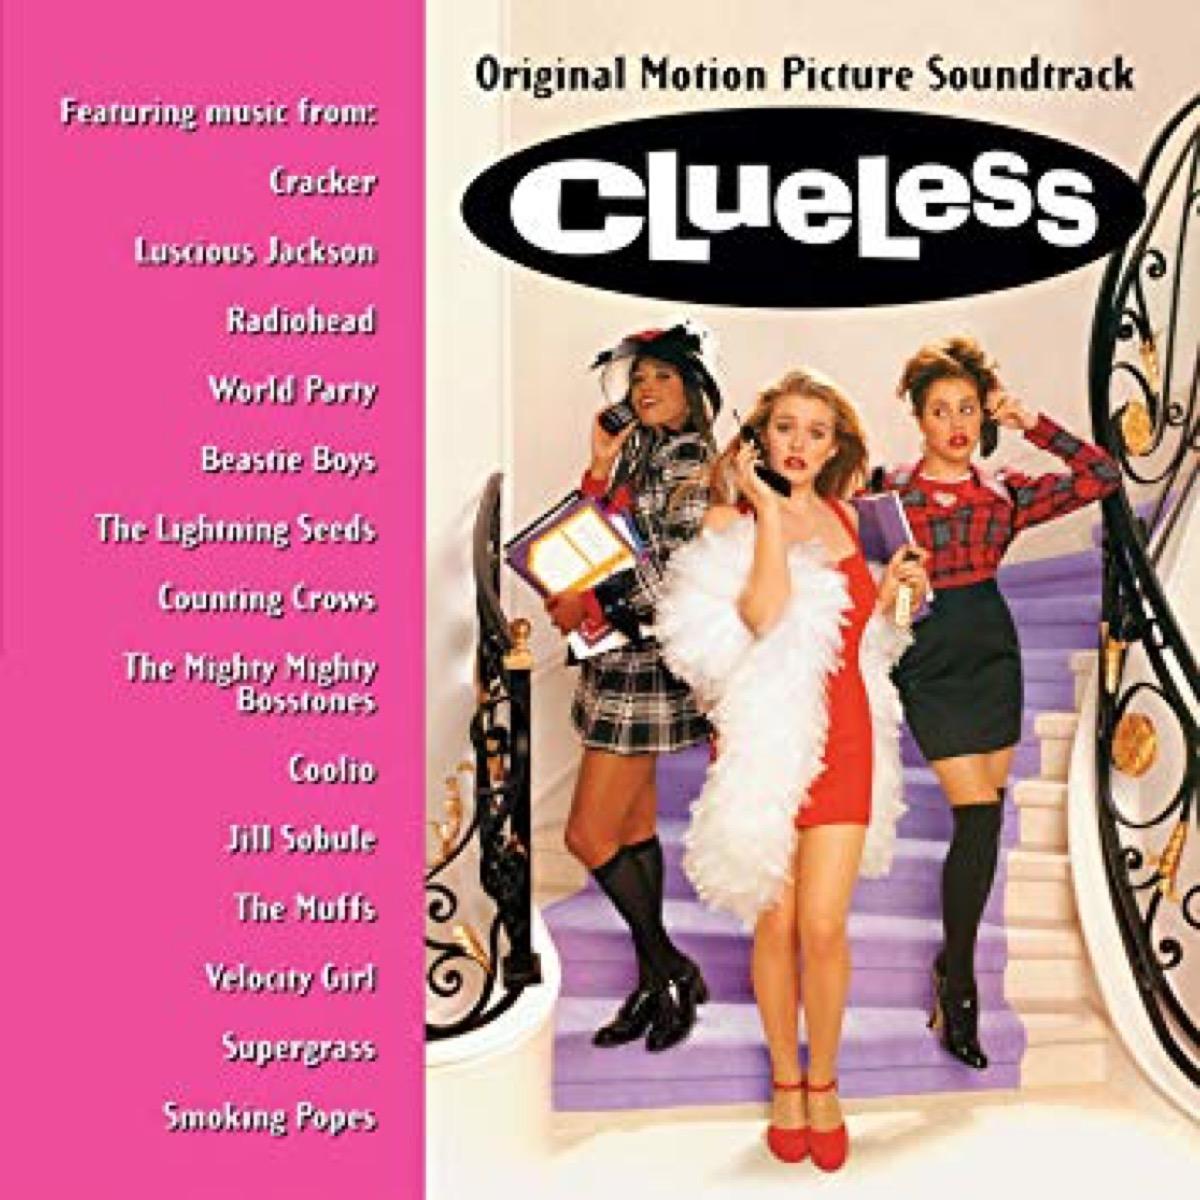 clueless movie soundtrack album cover